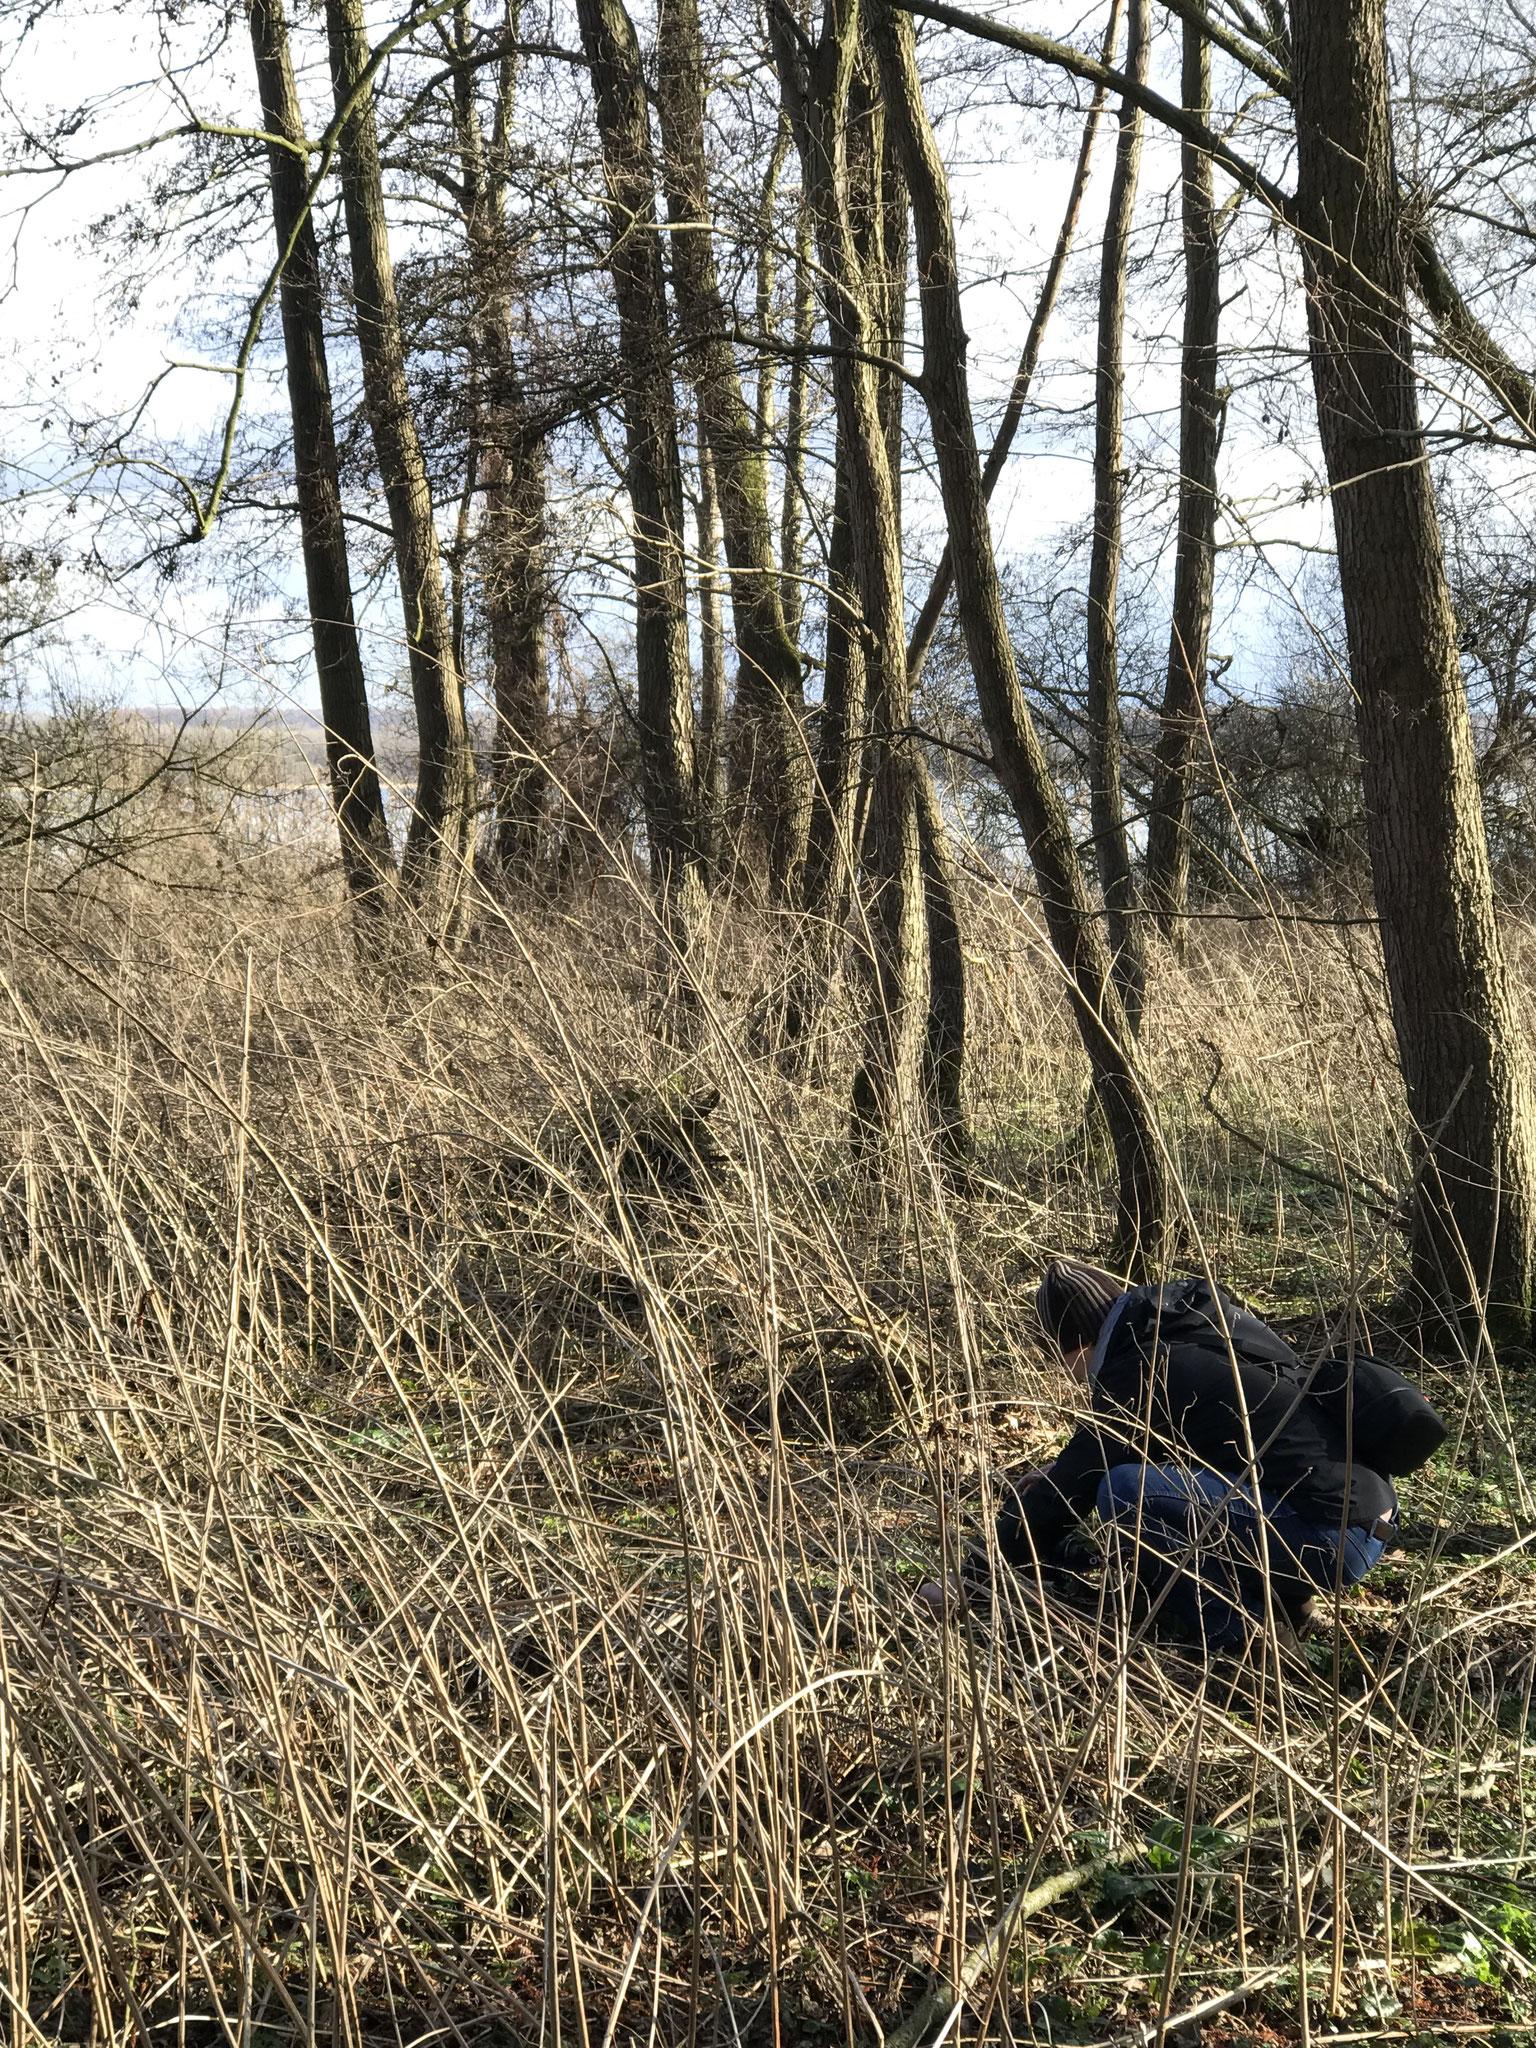 Biotop, Bodenfeuchtes Ufer mit Salix und Alnus